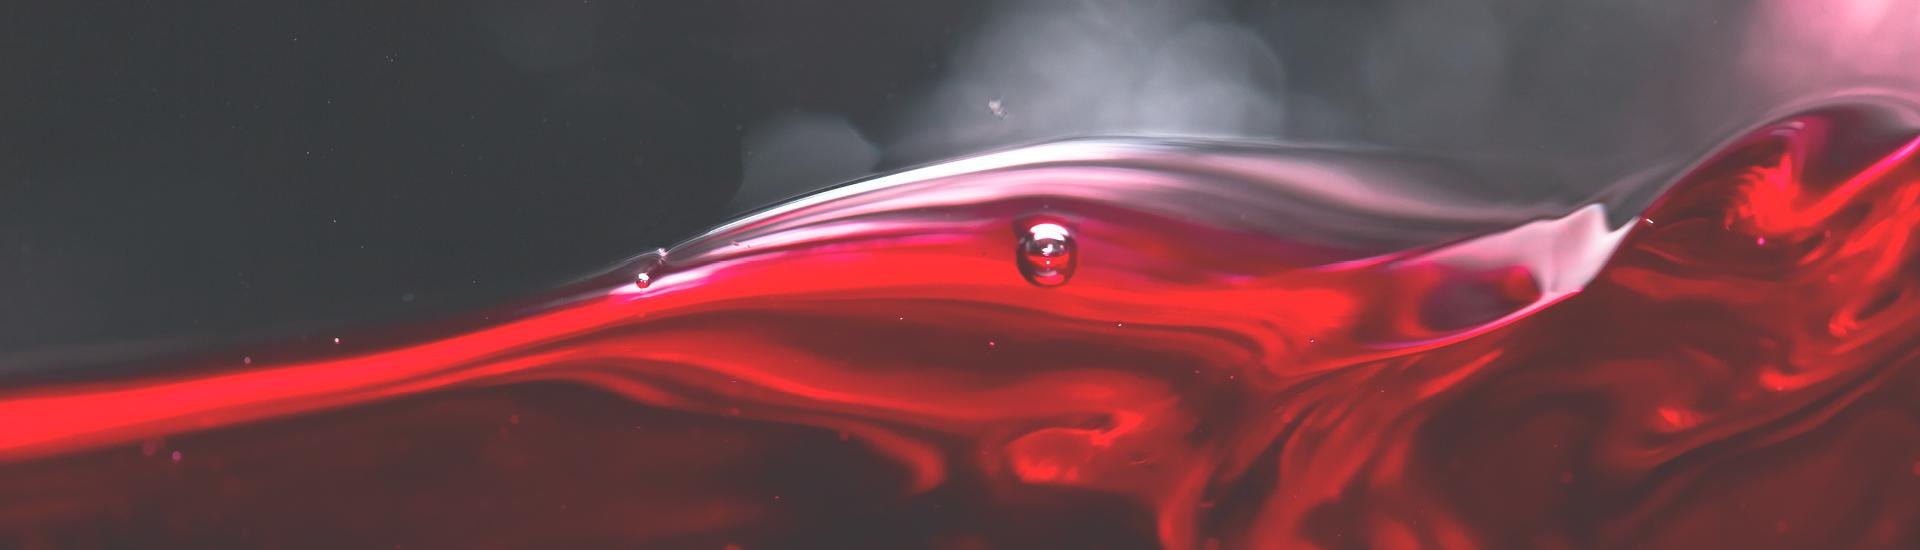 Weine - Die Sieger der Falstaff Rotweingala 2019 01/2020 - Slider